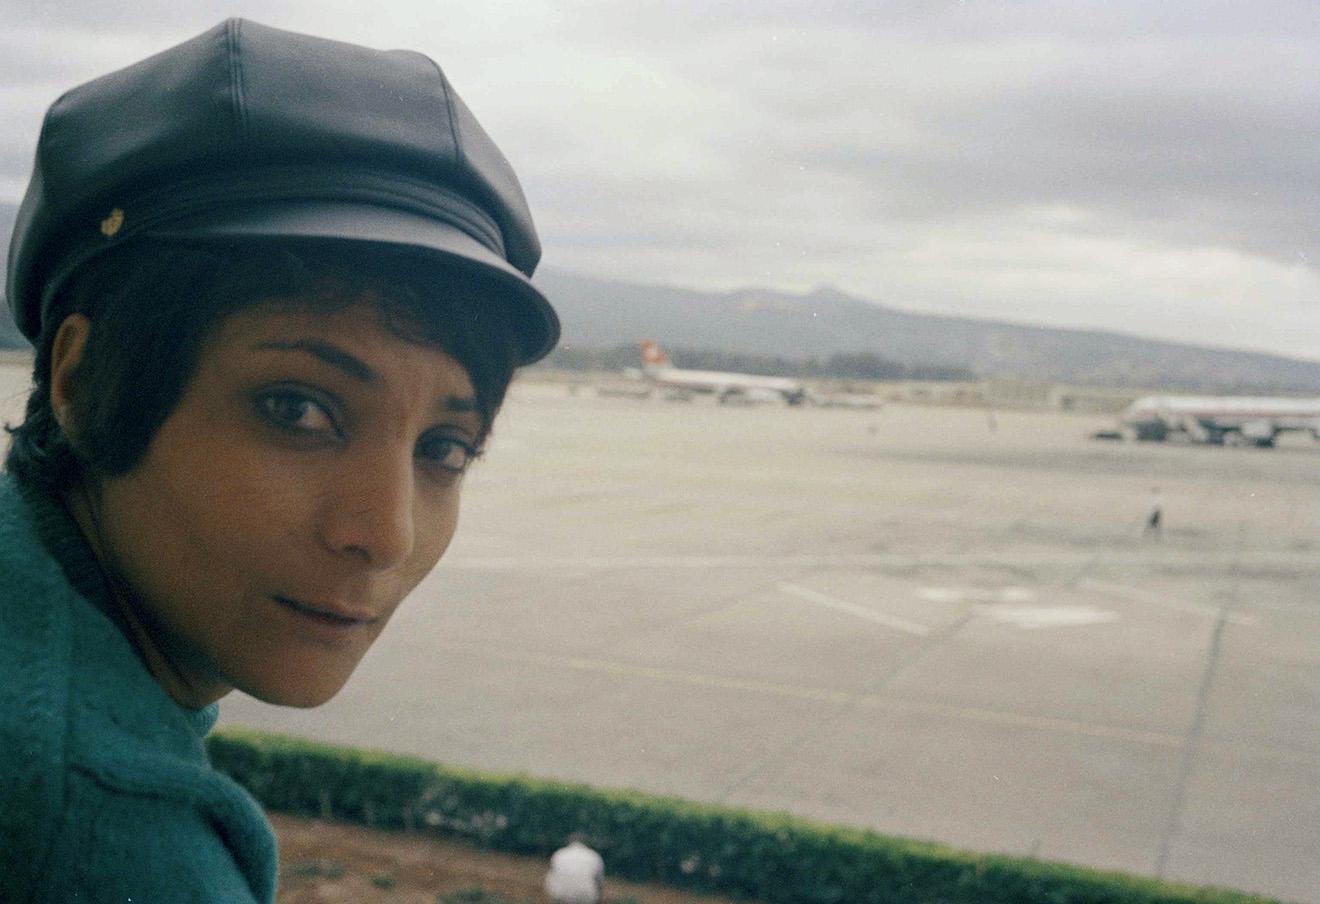 Лейла Халед в аэропорту Бейрута, 14 ноября 1970 года.